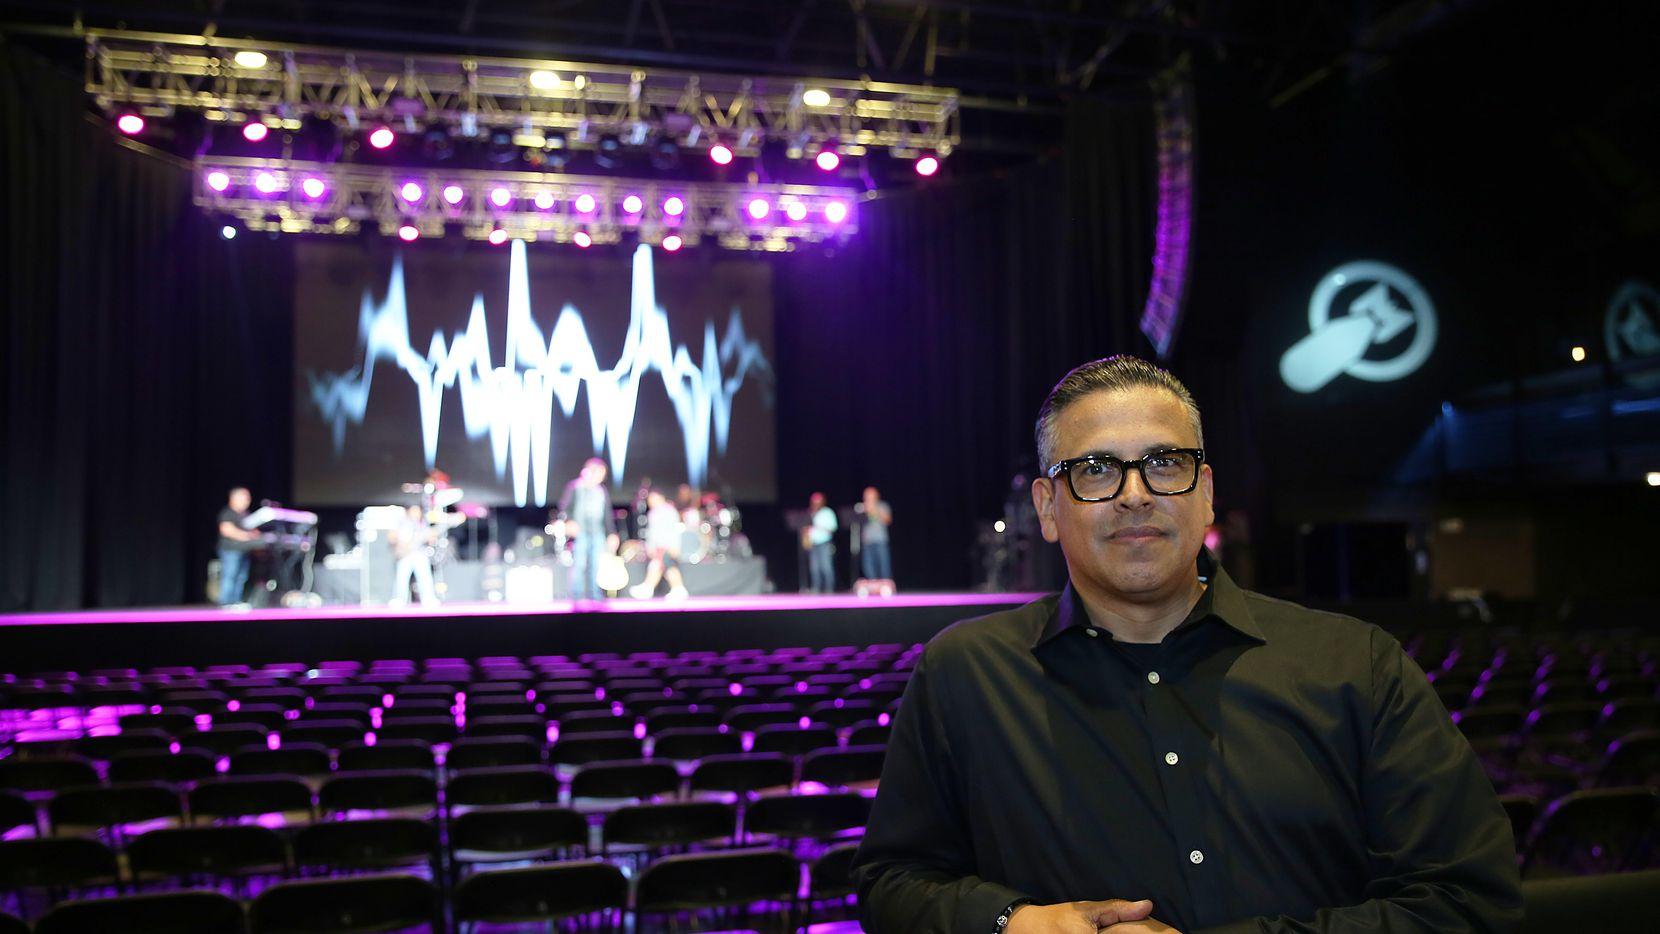 El empresario Julio Esparza durante las pruebas de sonido para el concierto de Olga Tañón el jueves en The Bomb Factory en Dallas.(Omar Vega)